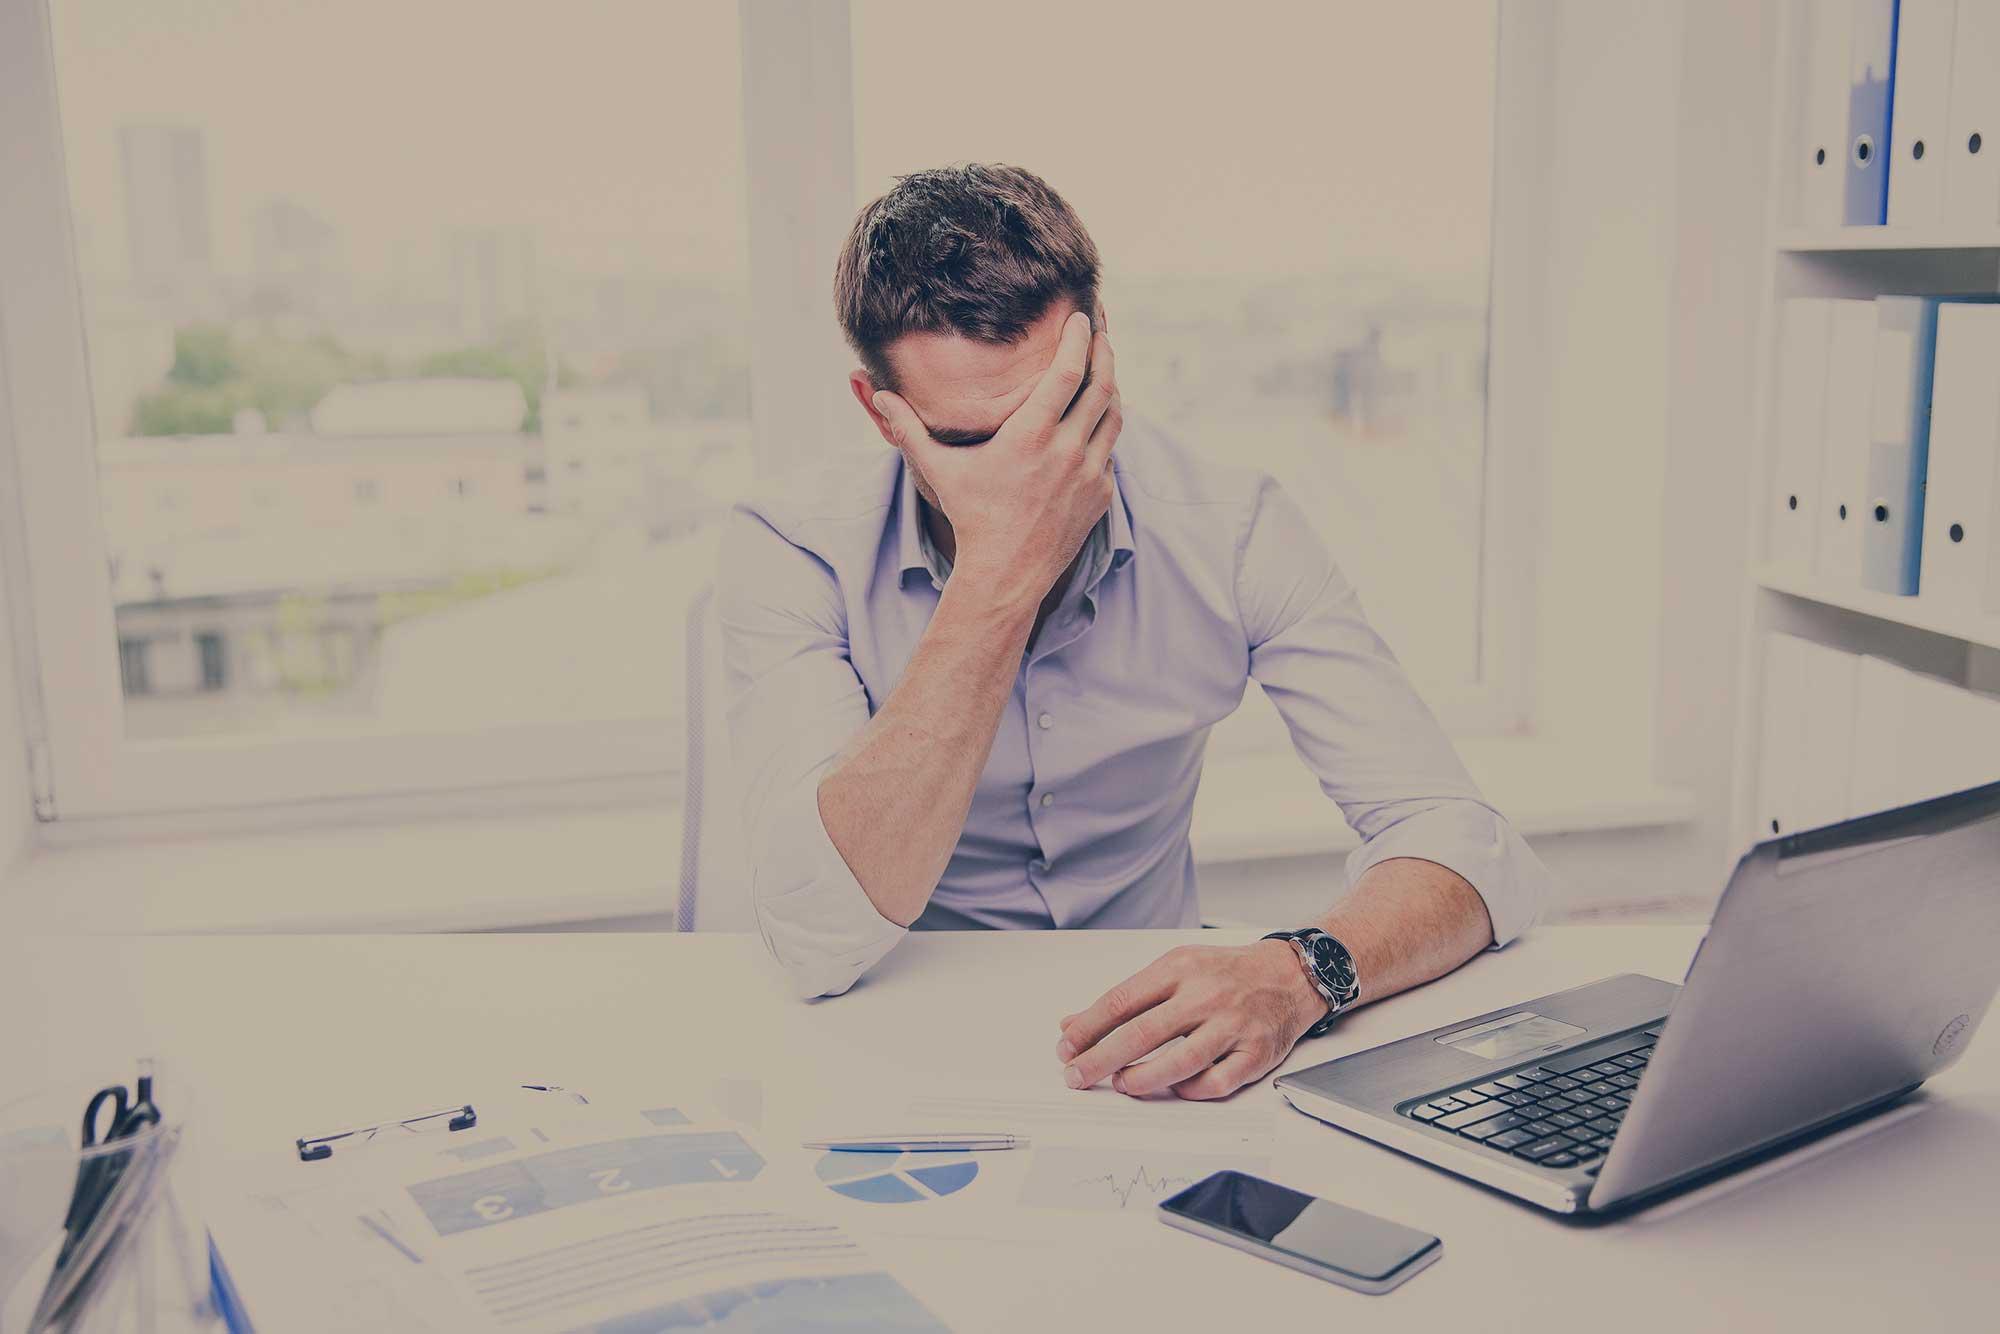 Você sabe quais os 5 maiores problemas de TI enfrentados pelas empresas?